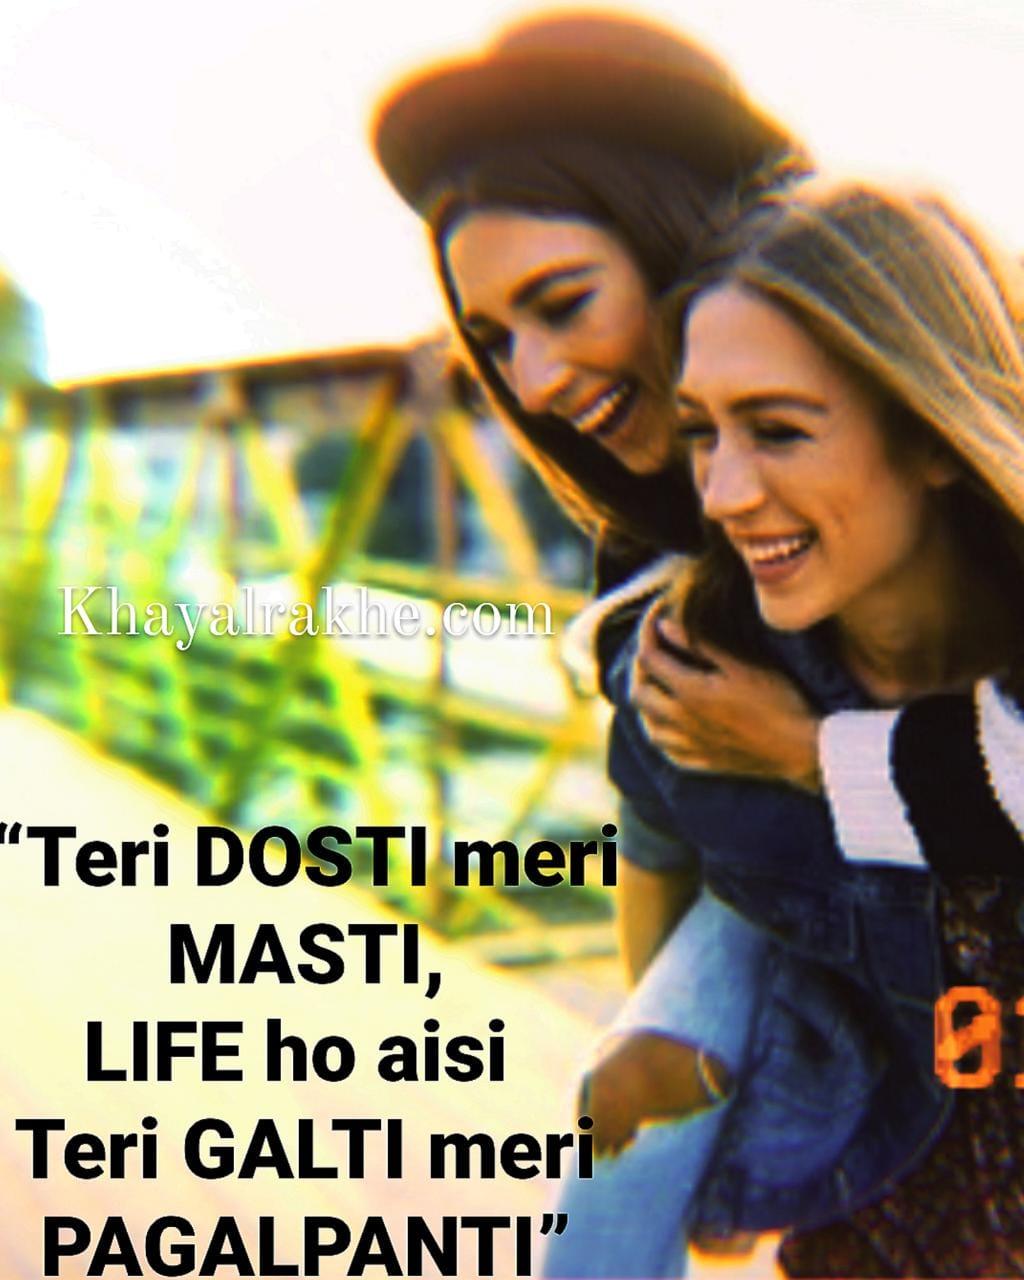 Masti Status Image in Hindi - Shayari